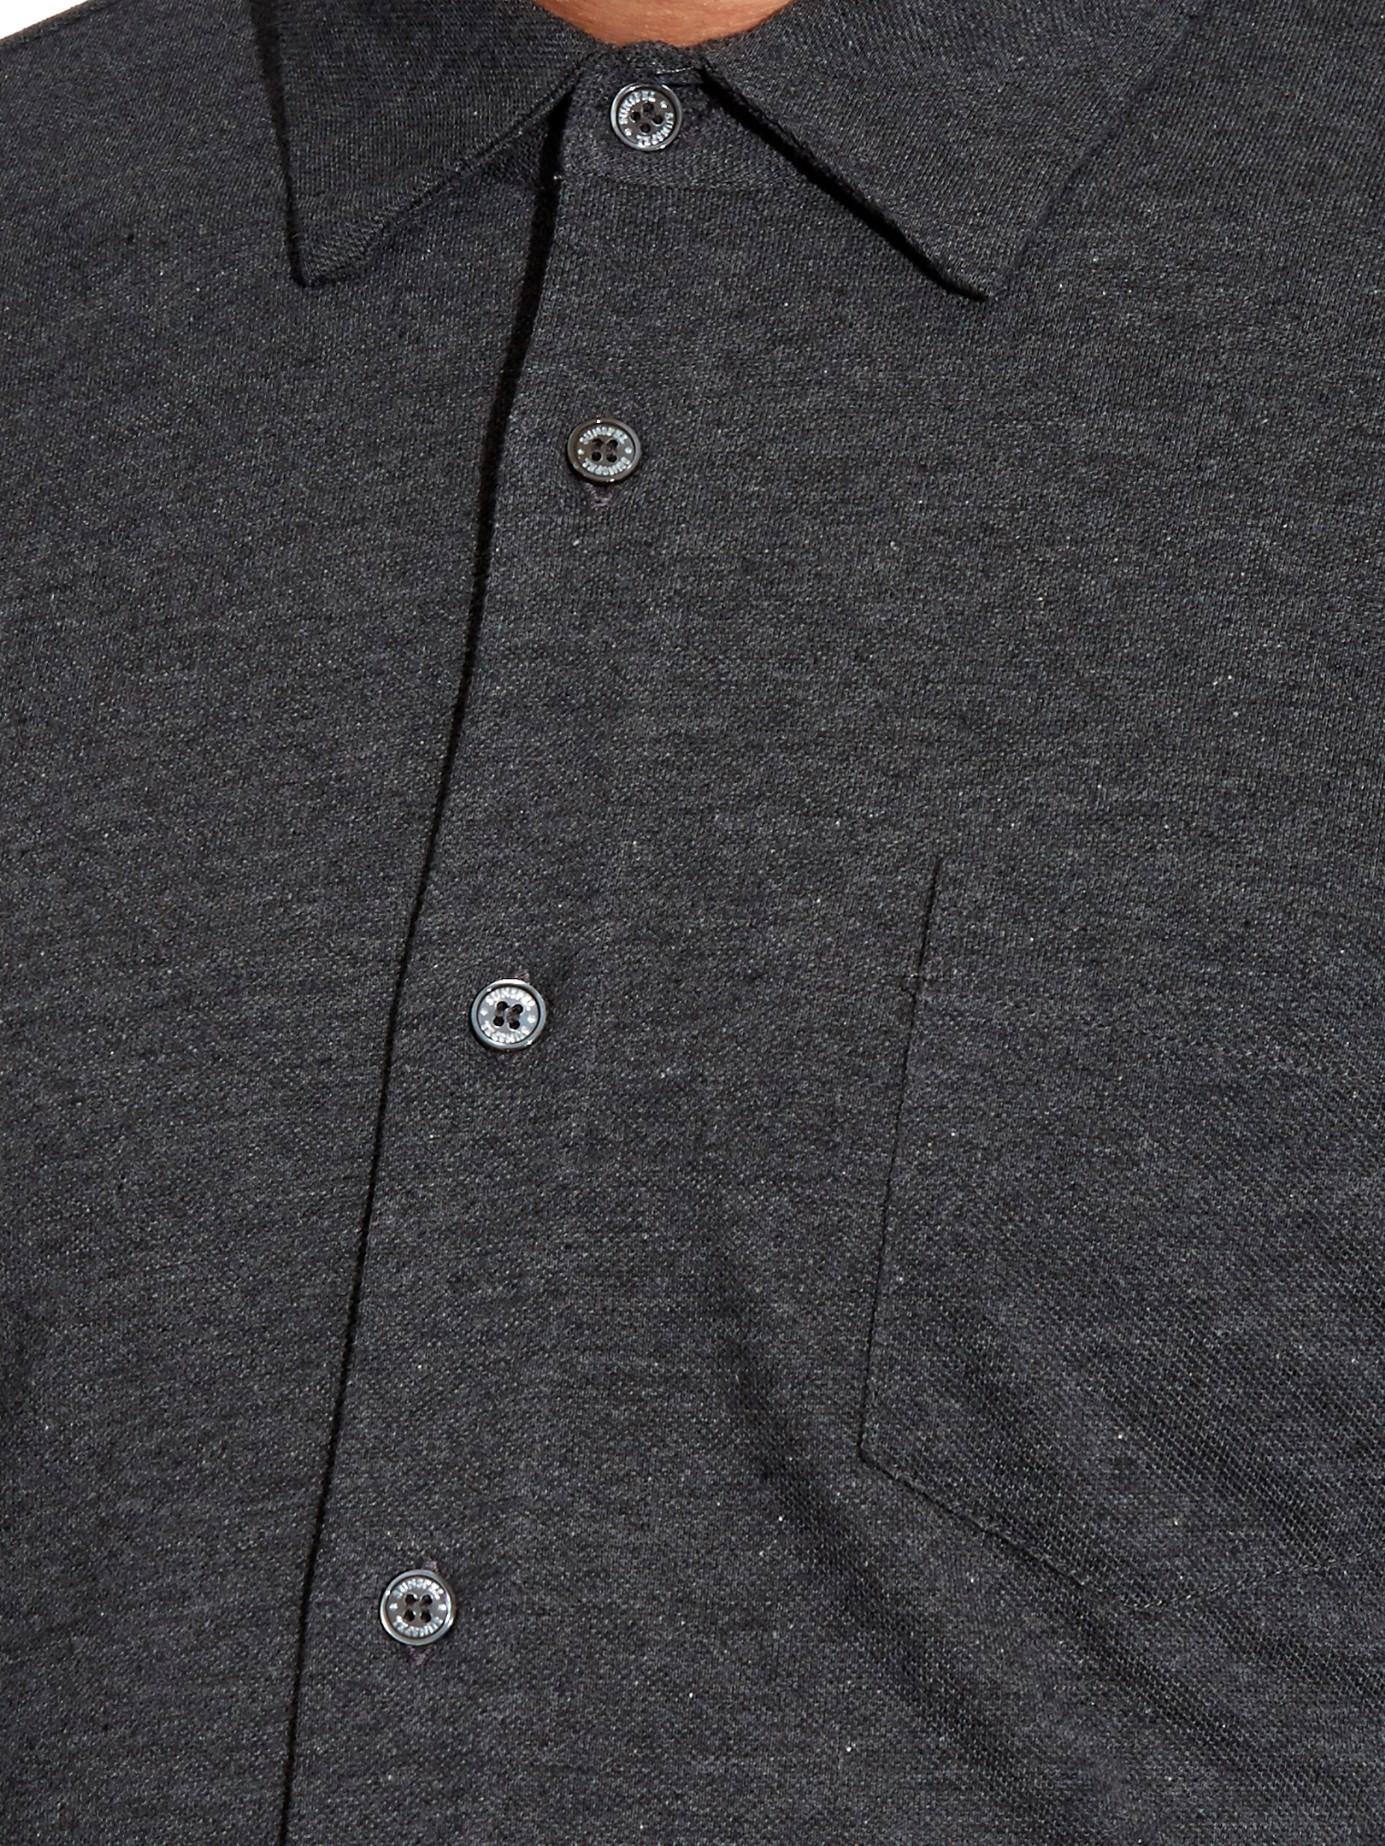 Cotton-piqué Shirt Sunspel Browse rCwks